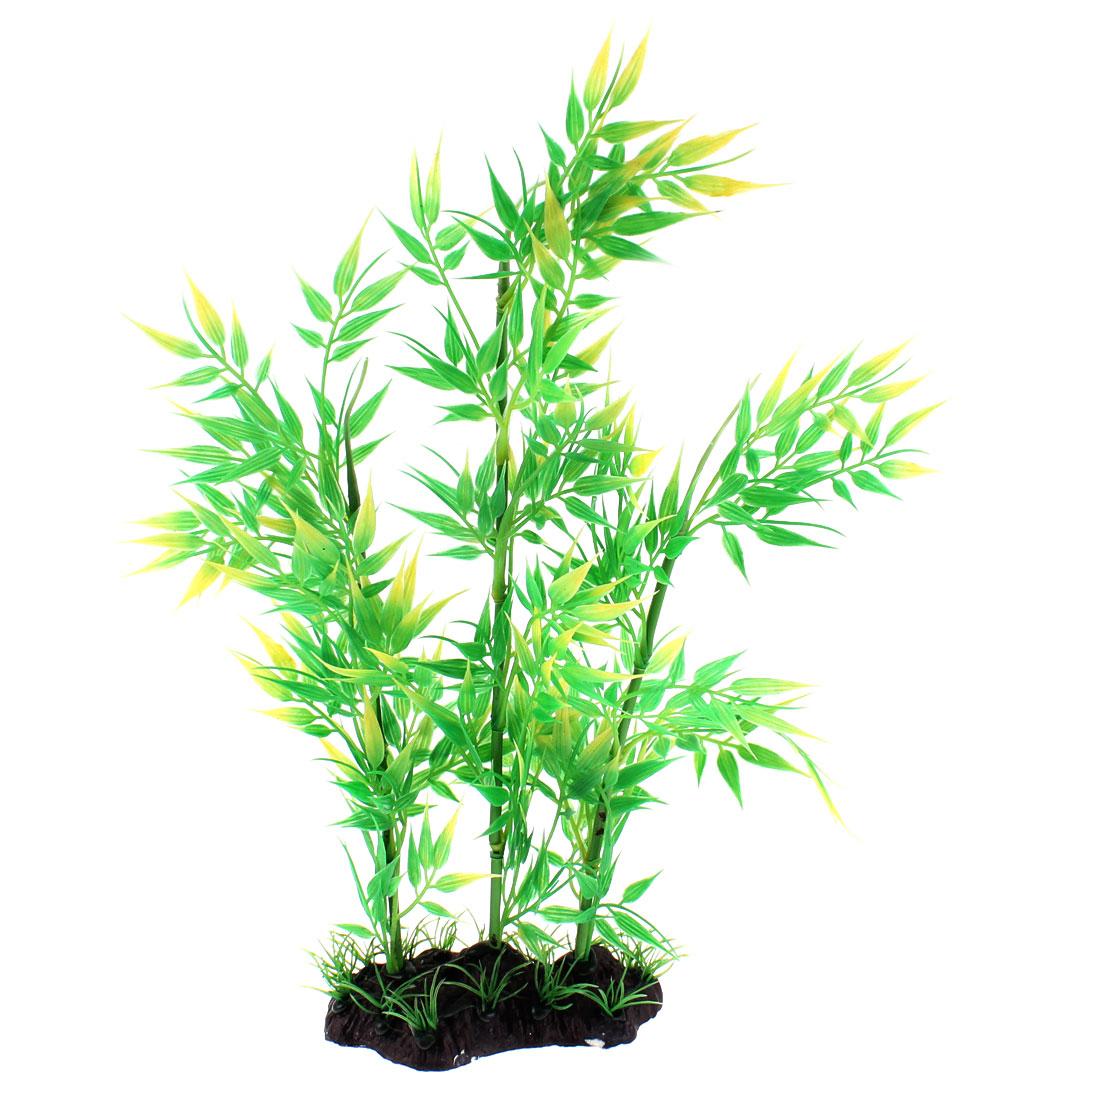 Aquarium Plastic Emulational Underwater Bamboo Plant Ornament